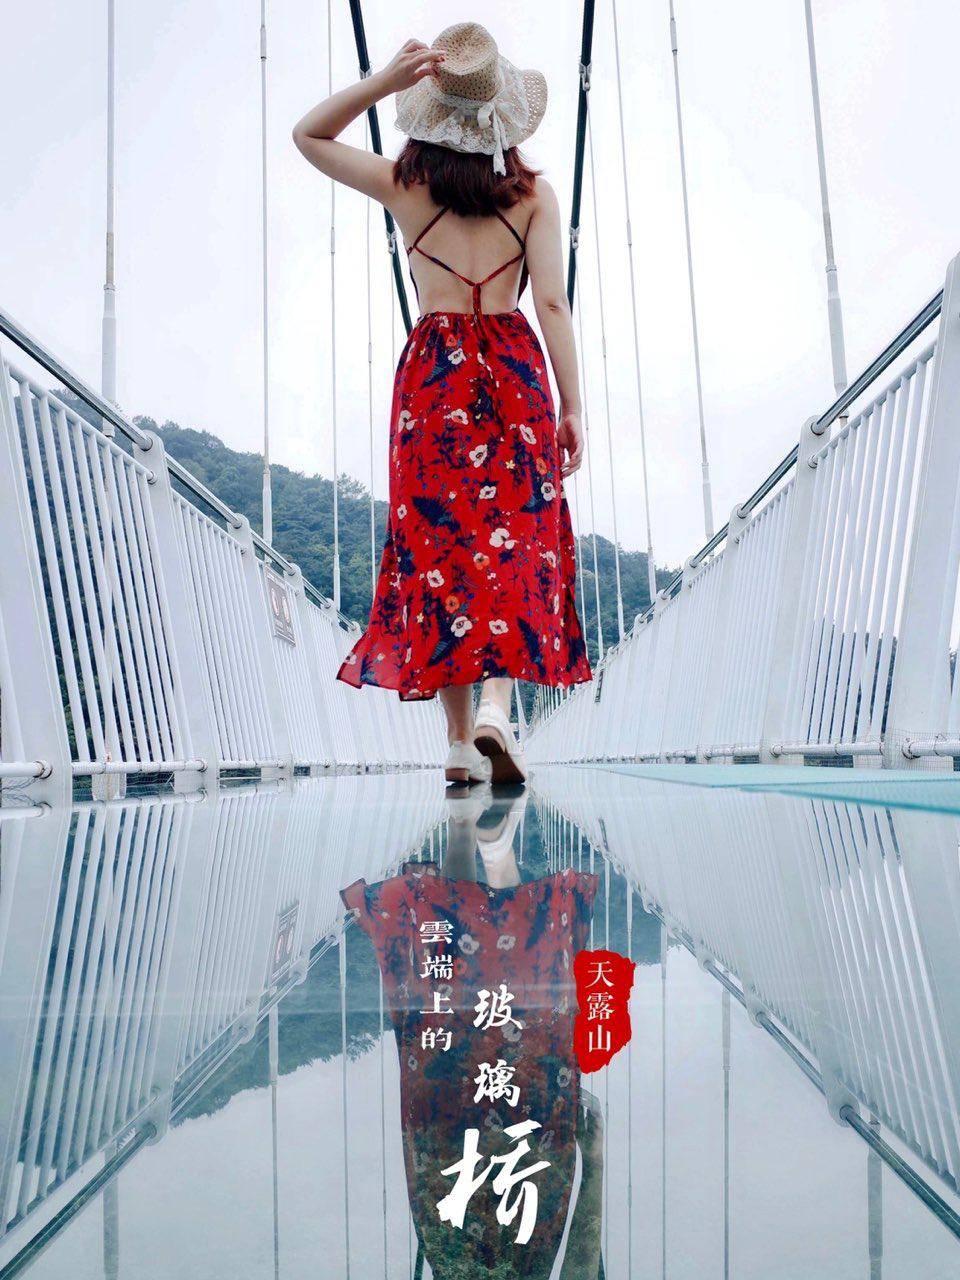 春节留粤的市民都去云浮新兴天露山打卡?原因竟是这个...